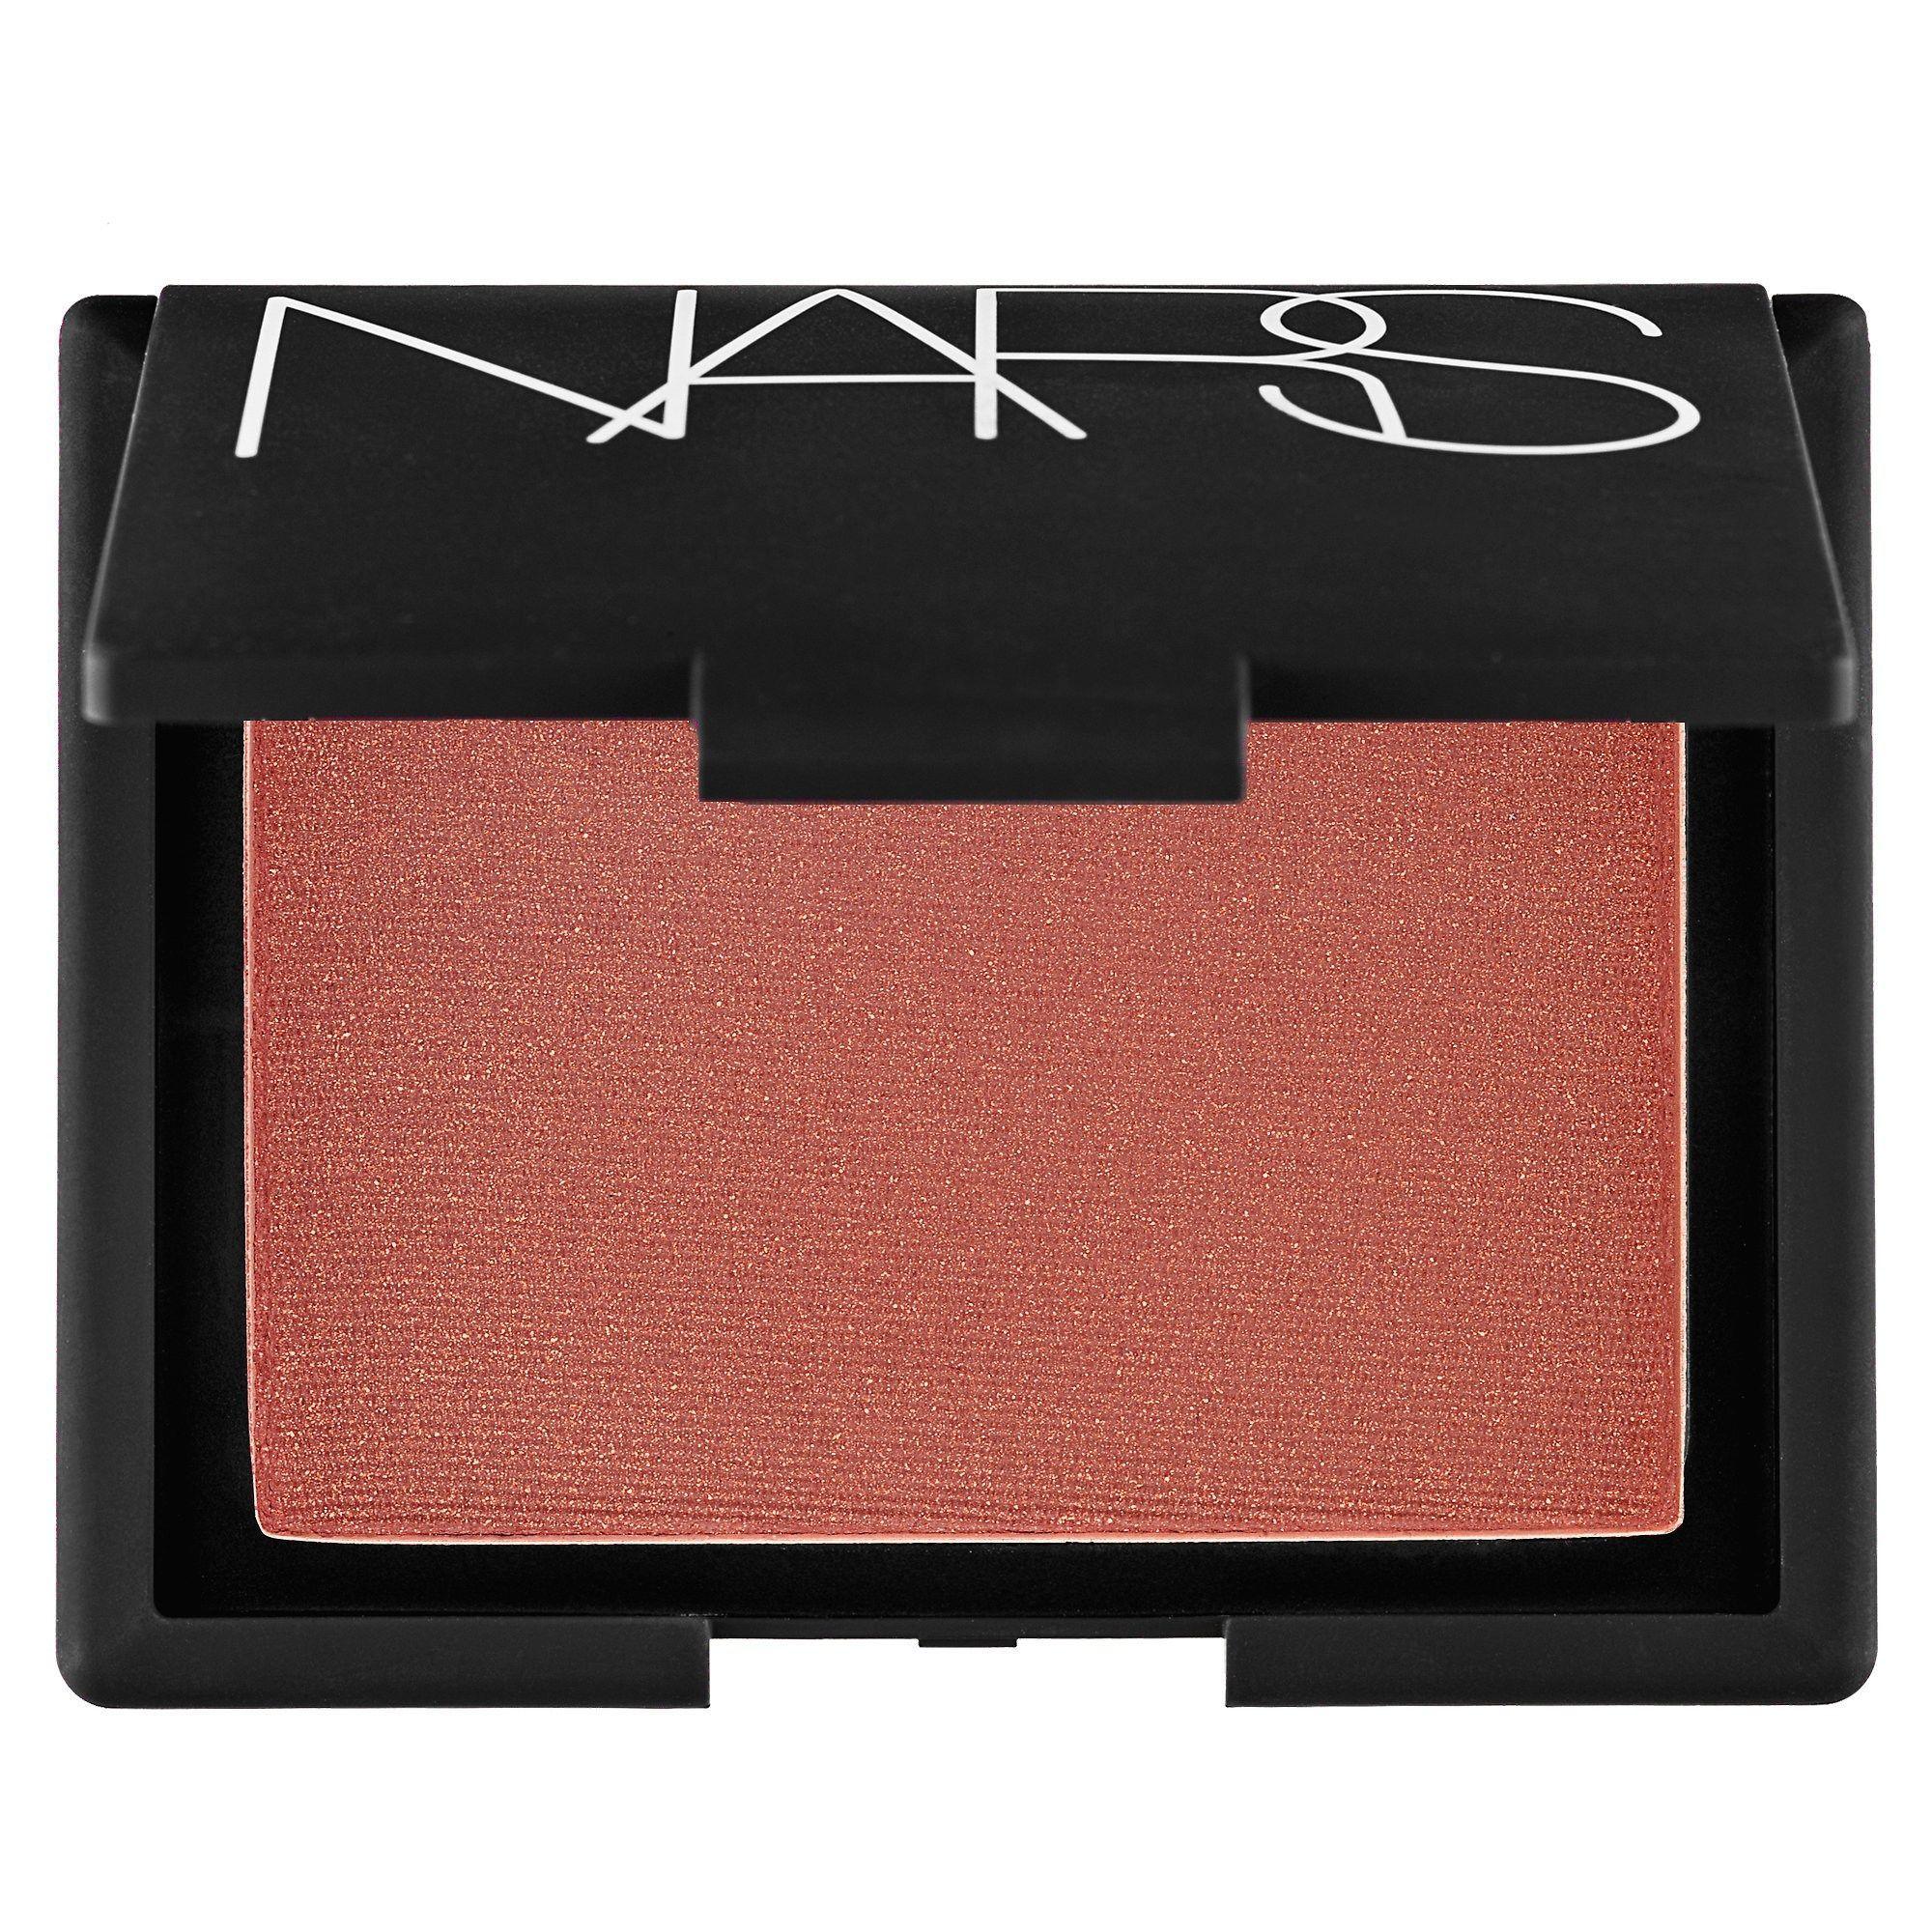 Blush NARS Sephora BeautyDiy Blush makeup, Nars blush